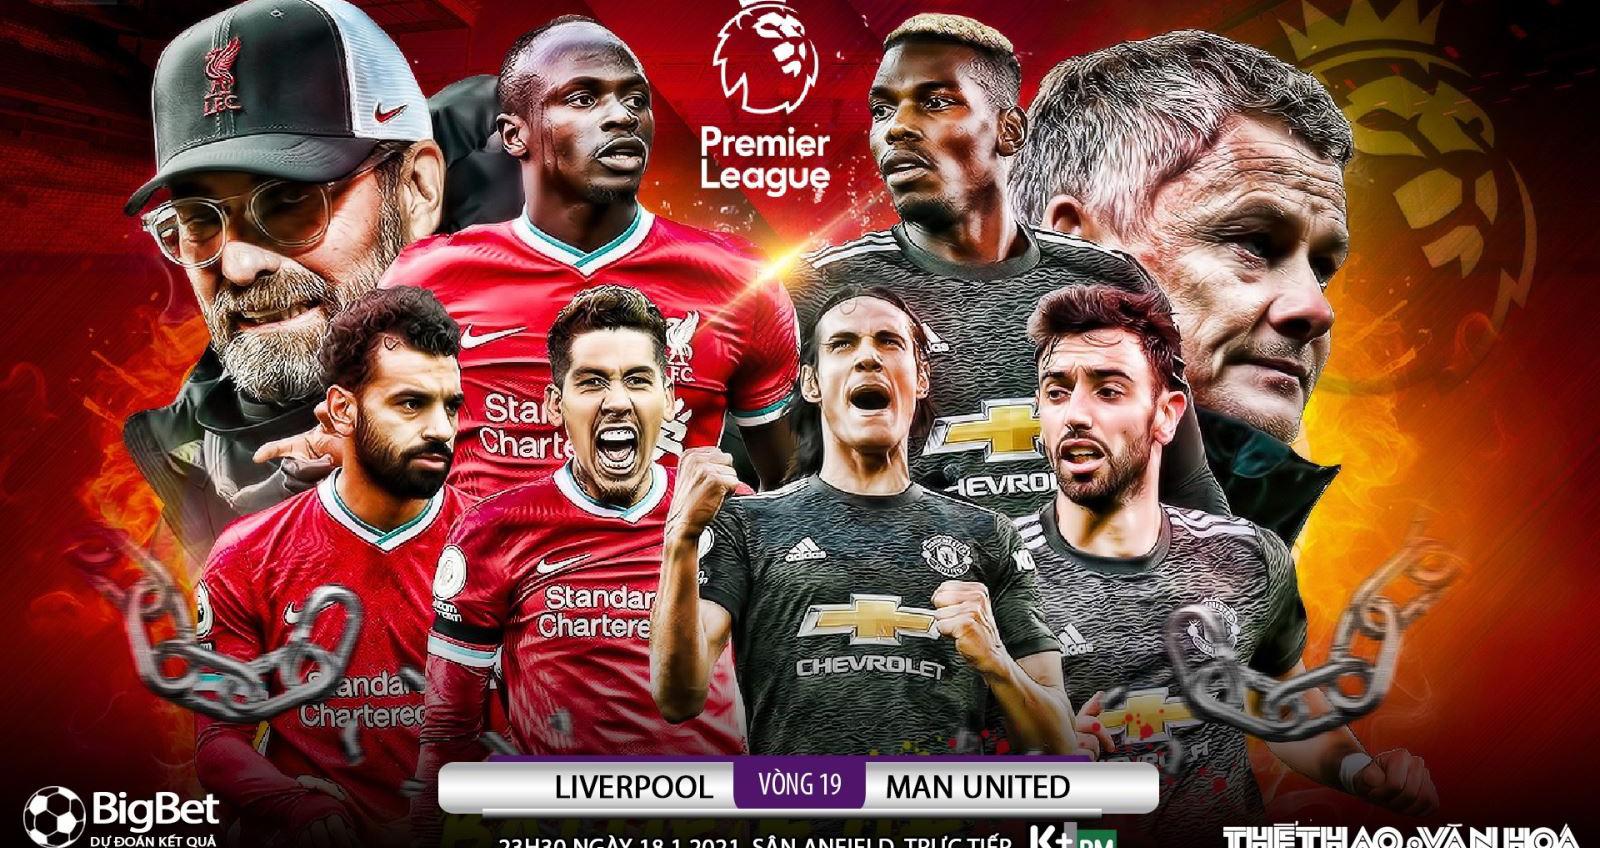 Trực tiếp Liverpool vs MU, Lịch thi đấu ngoại hạng Anh vòng 19, Liverpool, mu, manchester united, bóng đá, bong da